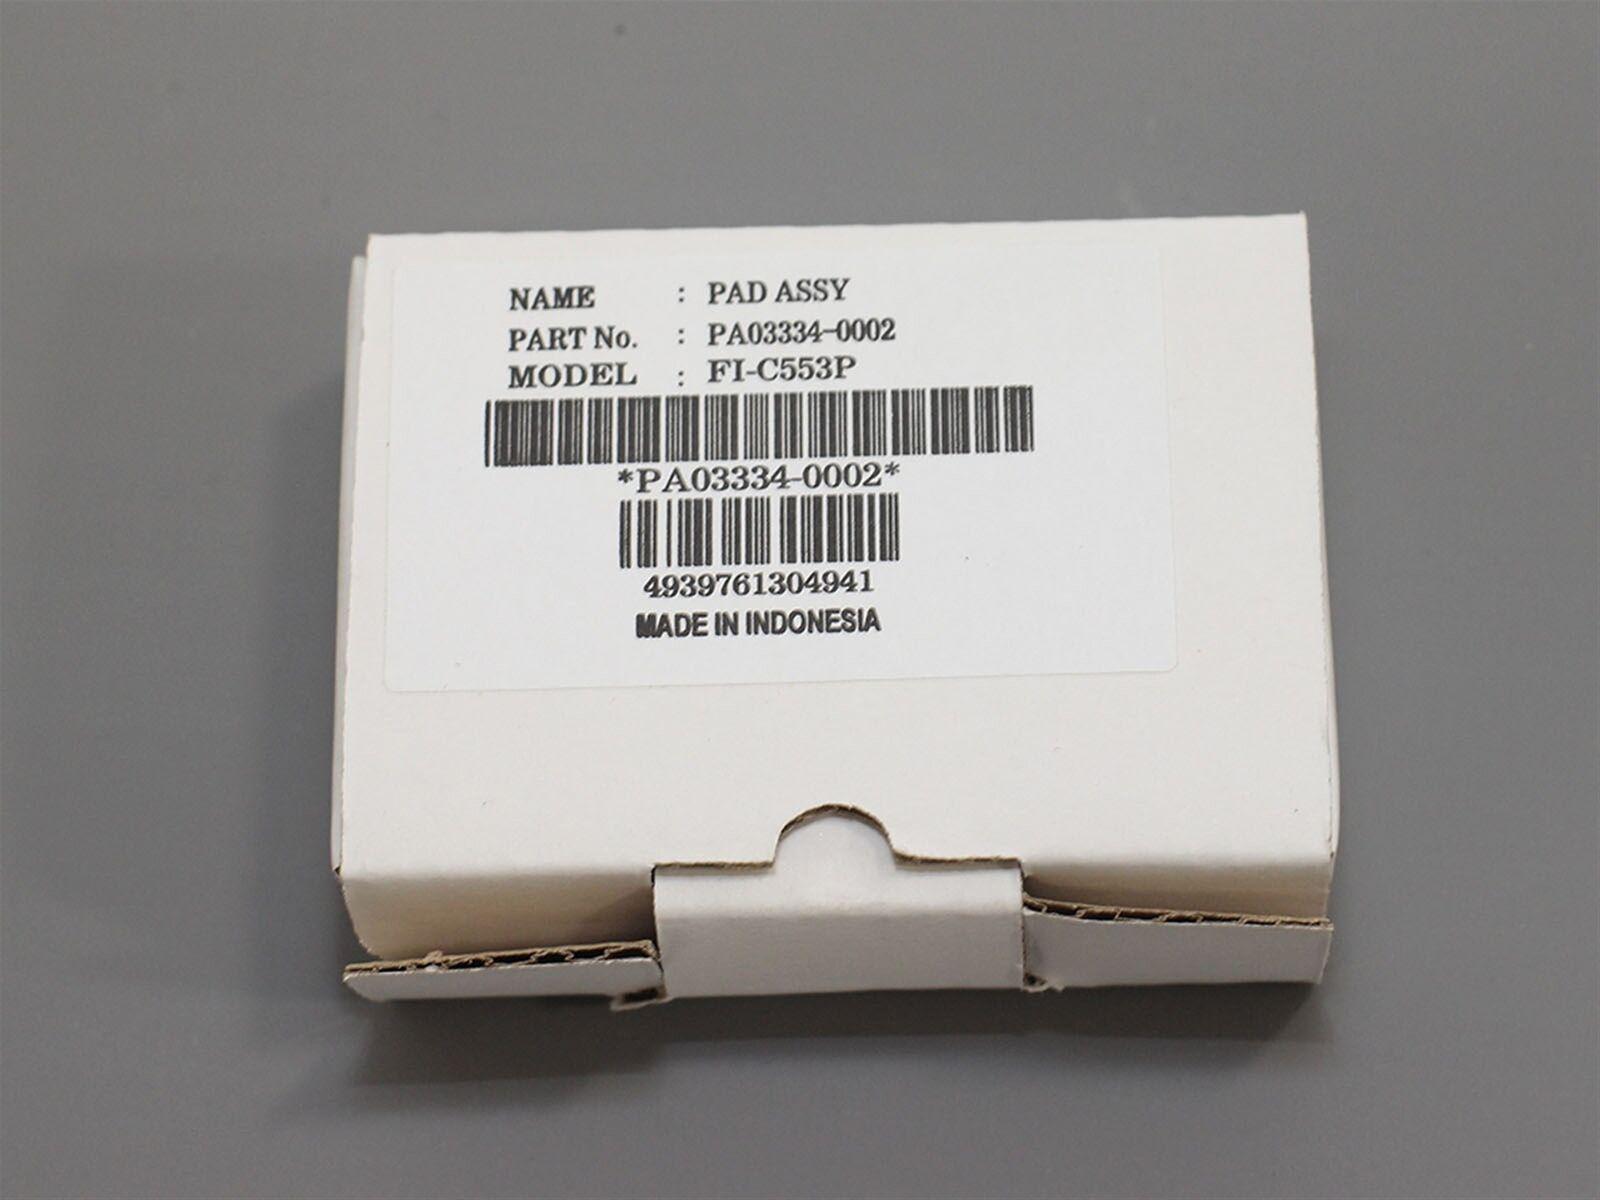 PA03334-0002 Fujitsu Pad Assembly